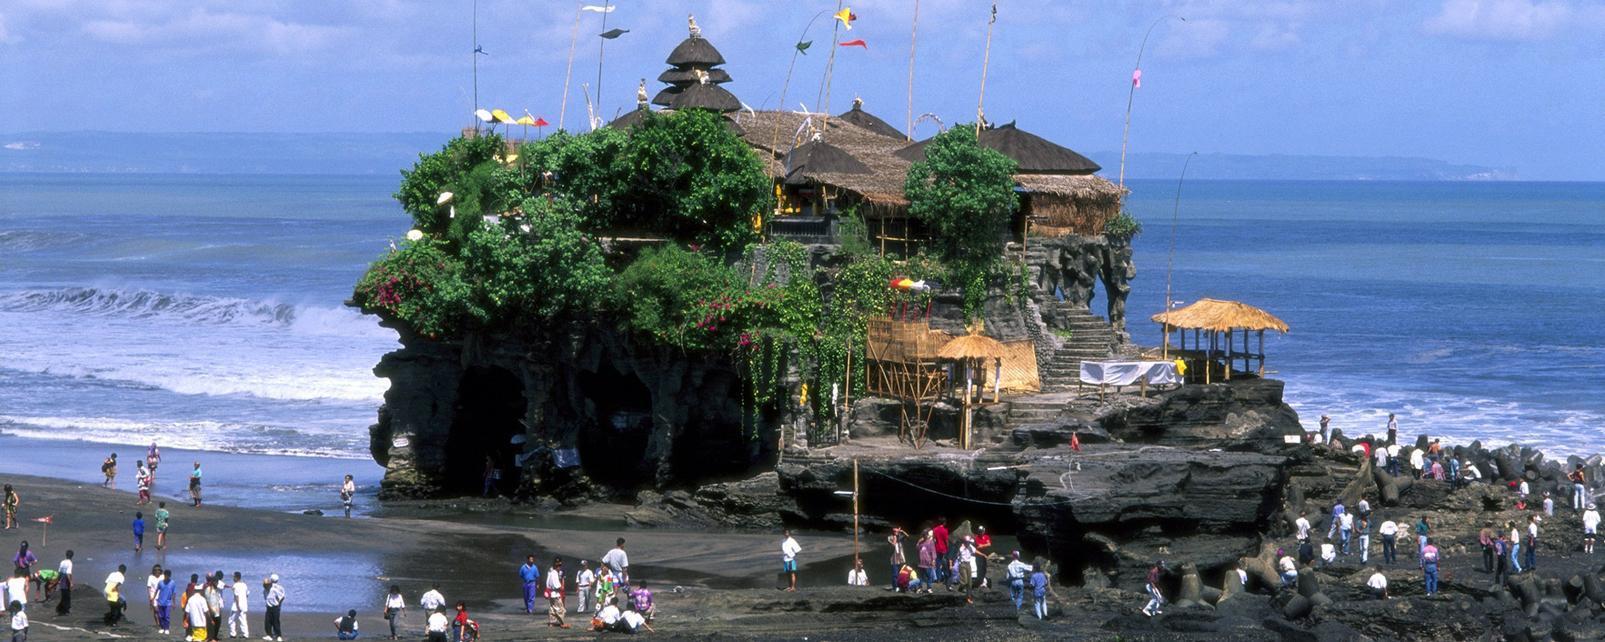 Travel To Kuta Beach Indonesia Kuta Beach Travel Guide